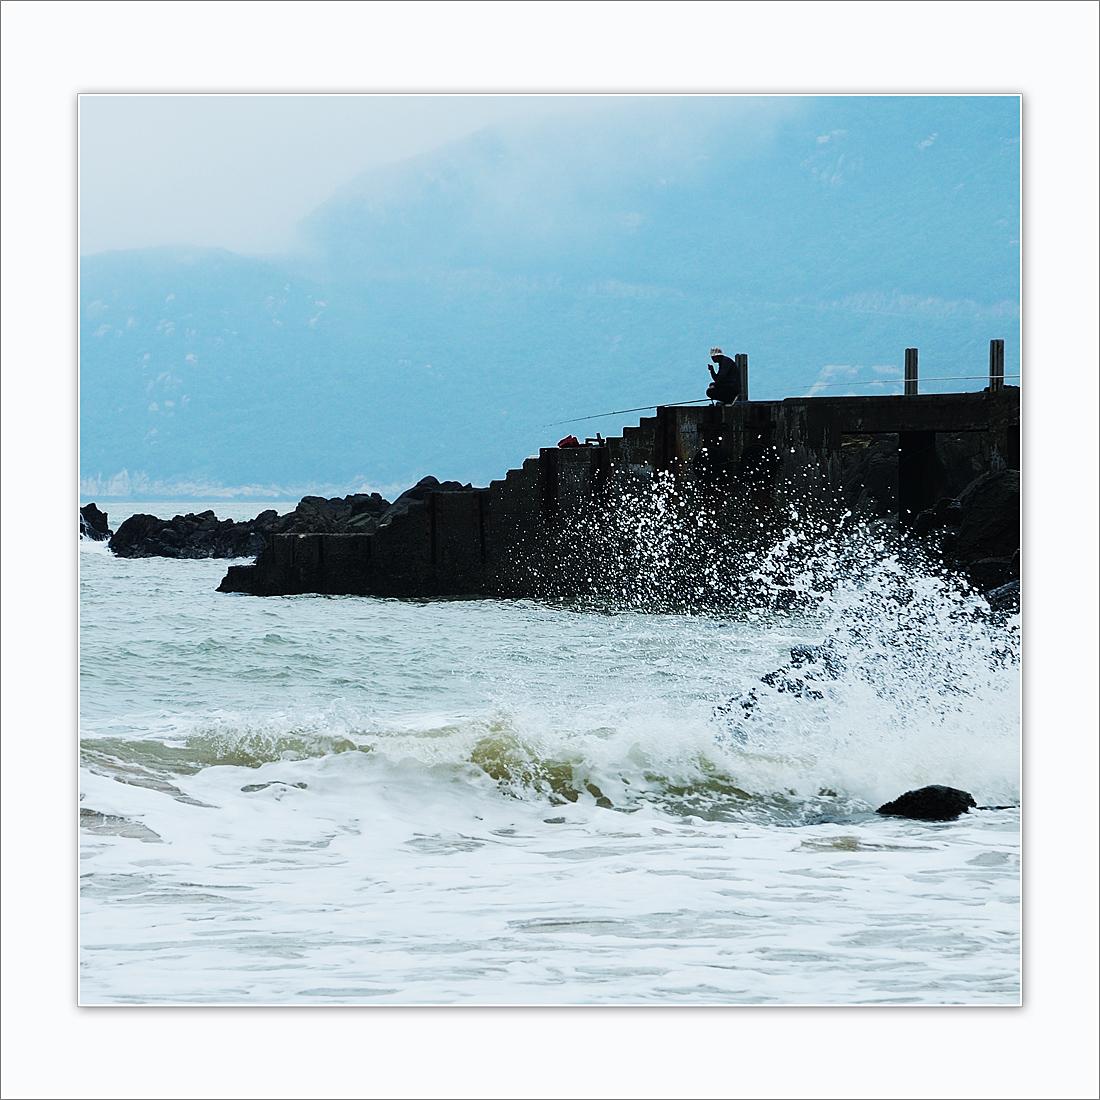 wsz作品:海边小景......